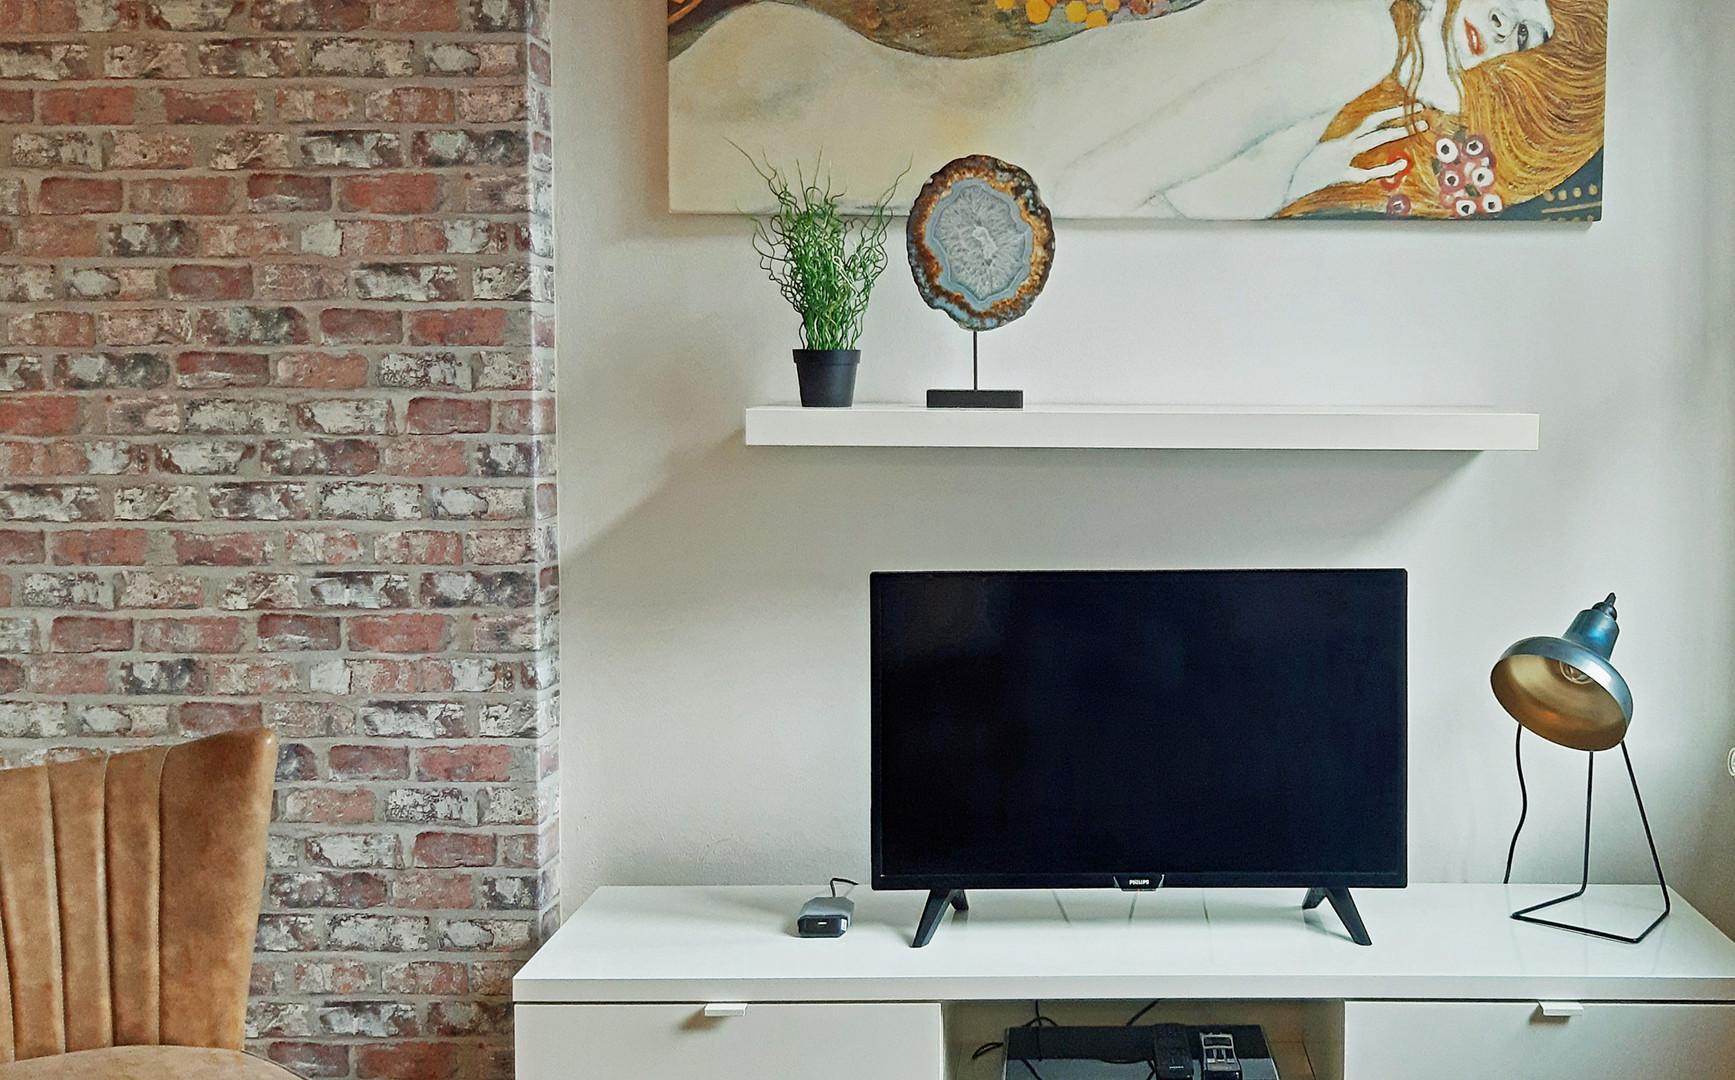 woonkamer detail tv.jpg